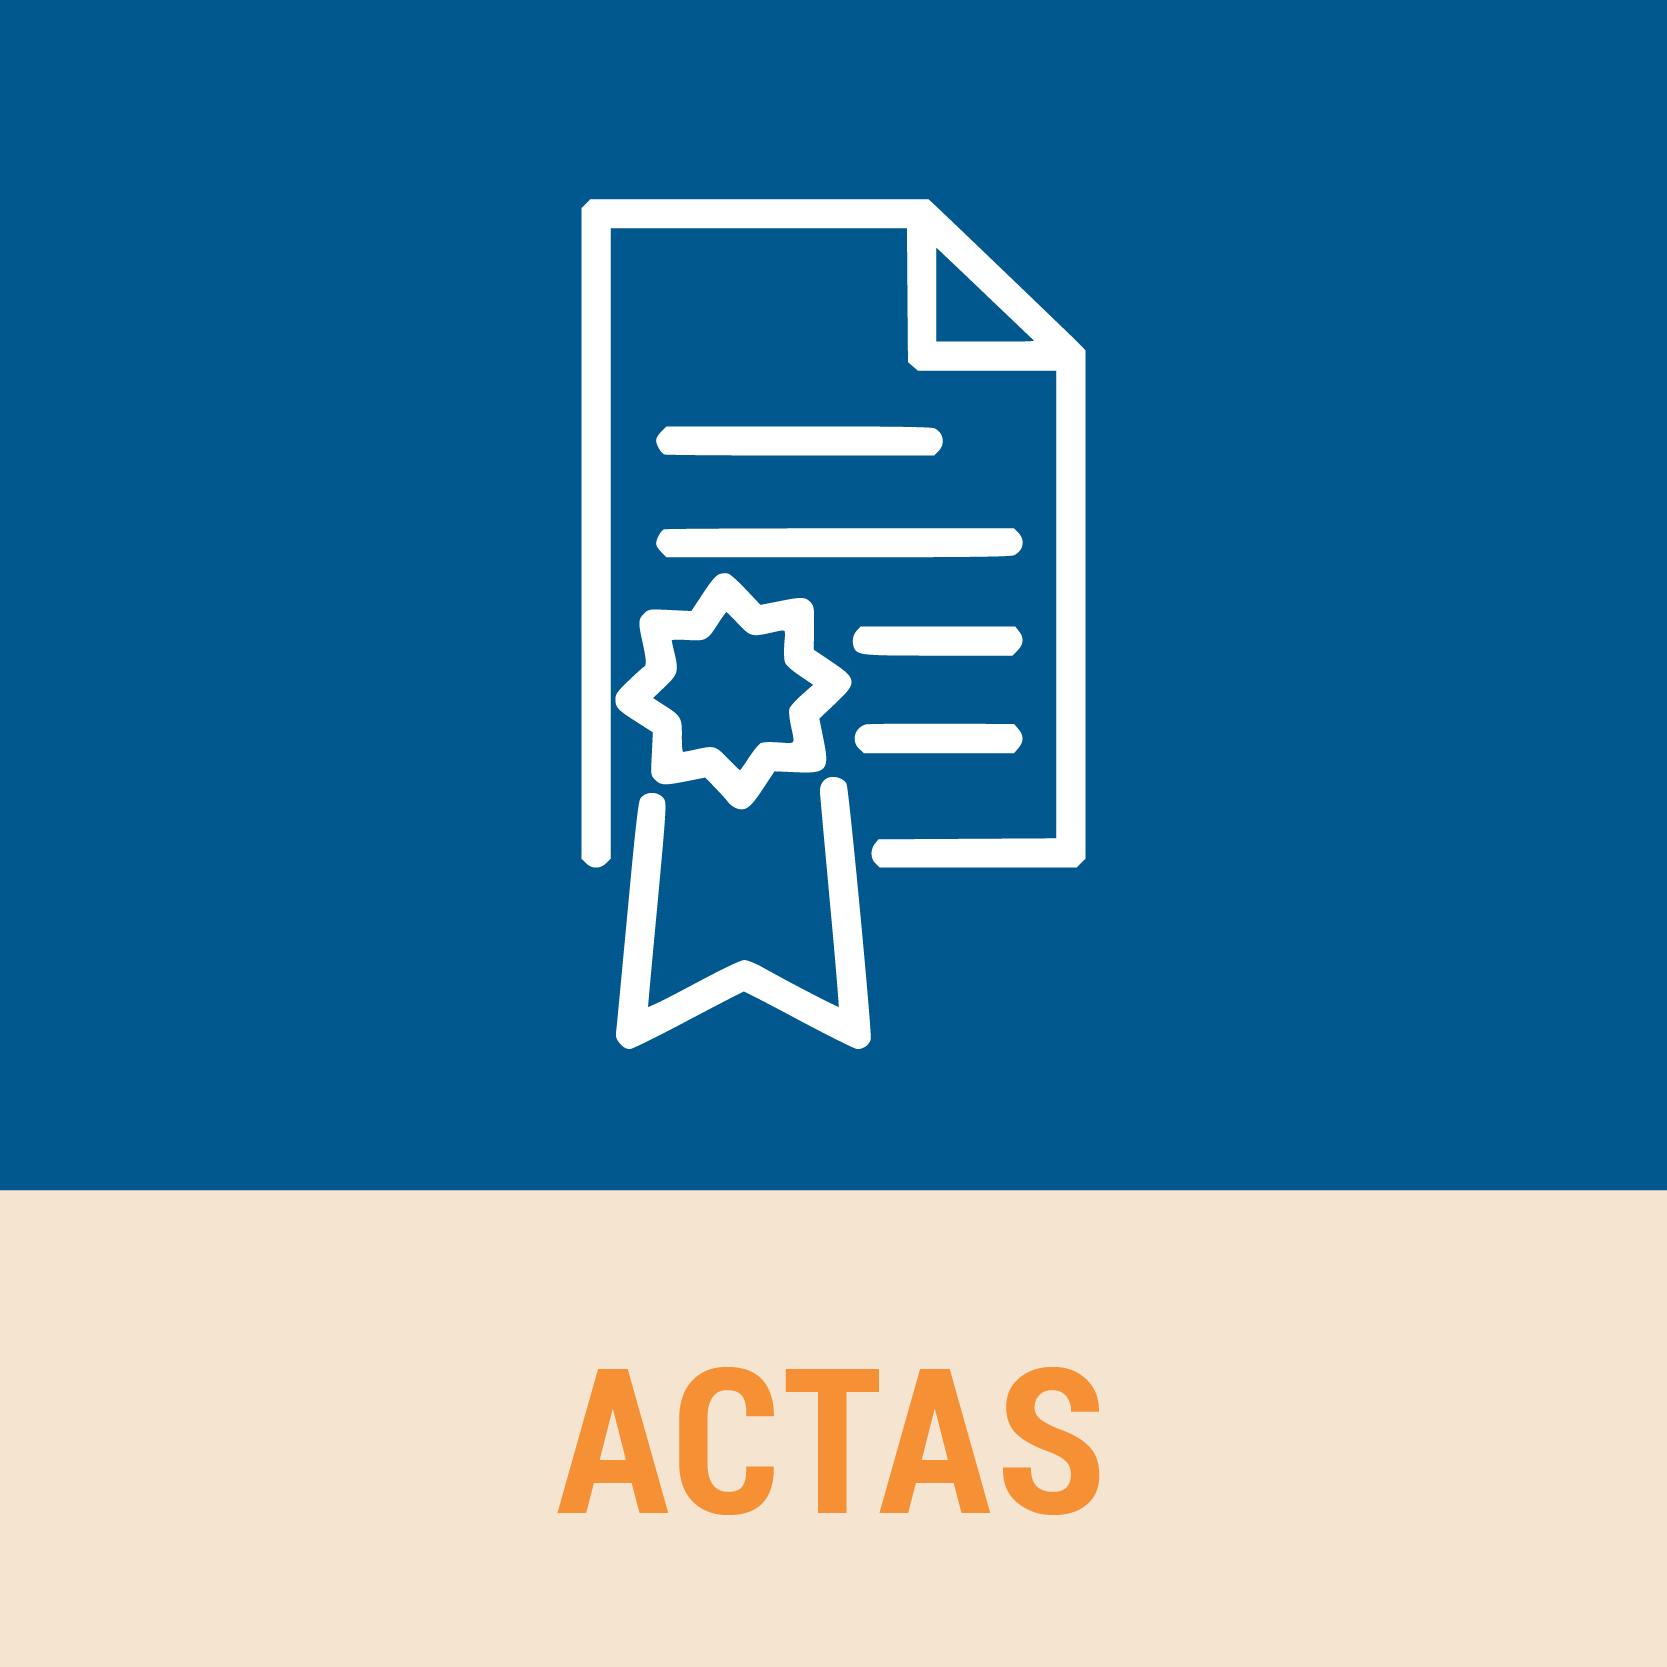 Actas Apops